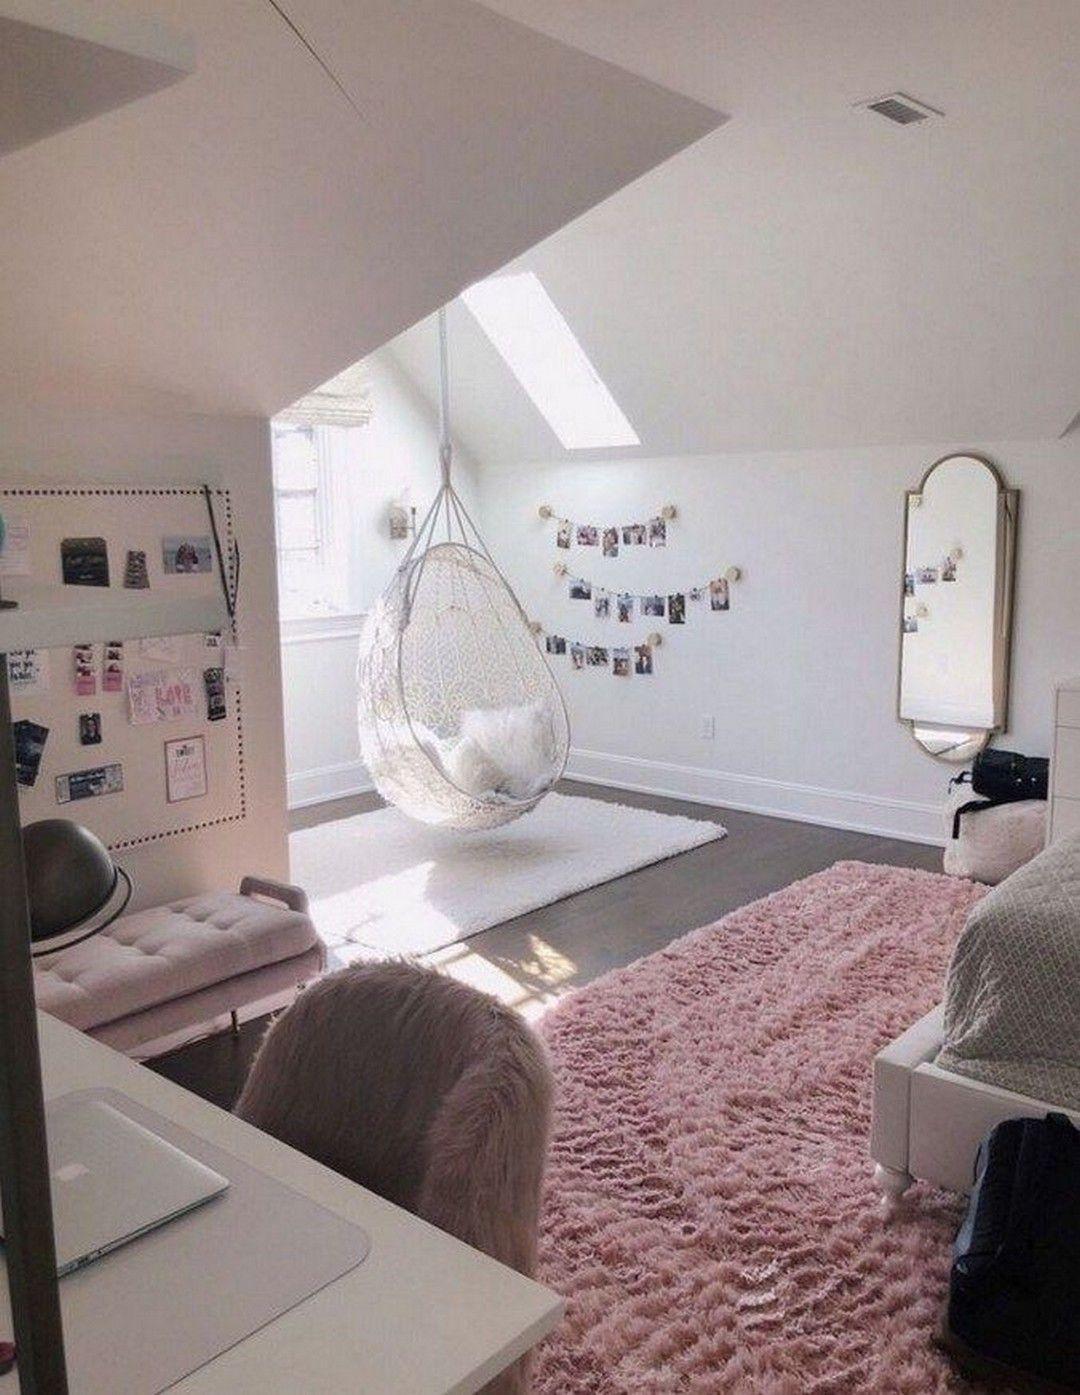 Photo of 45 Minimalistisches Schlafzimmer Dekorationsideen die bequem sind #minimalistis